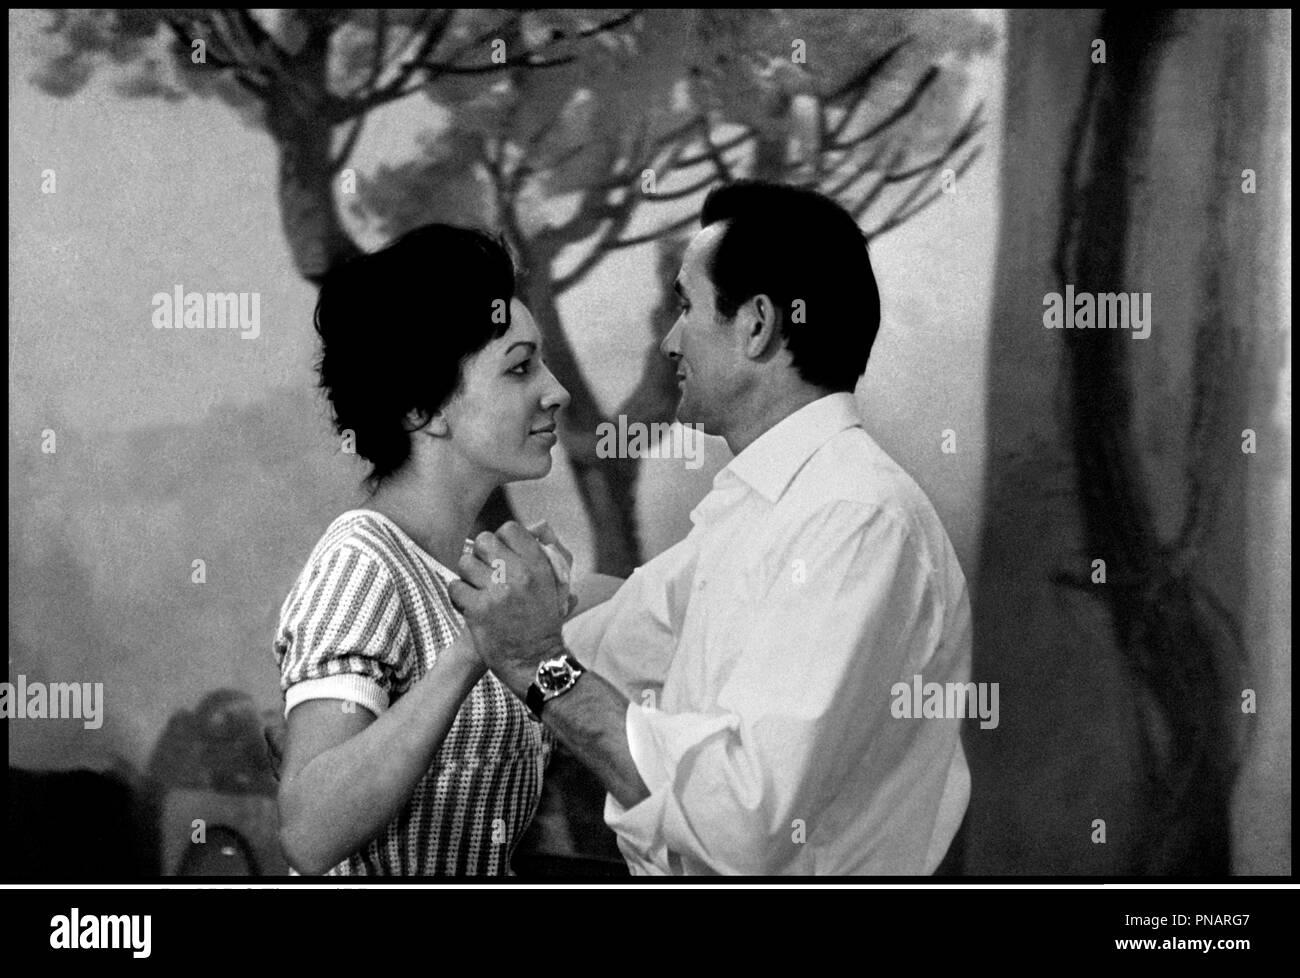 Prod DB © Titanus   DR LES FIANCES (I FIDANZI) de Ermanno Olmi 1962 ITA  avec Anna Canzi et Carlo Gabrini 7f3e19a0e99